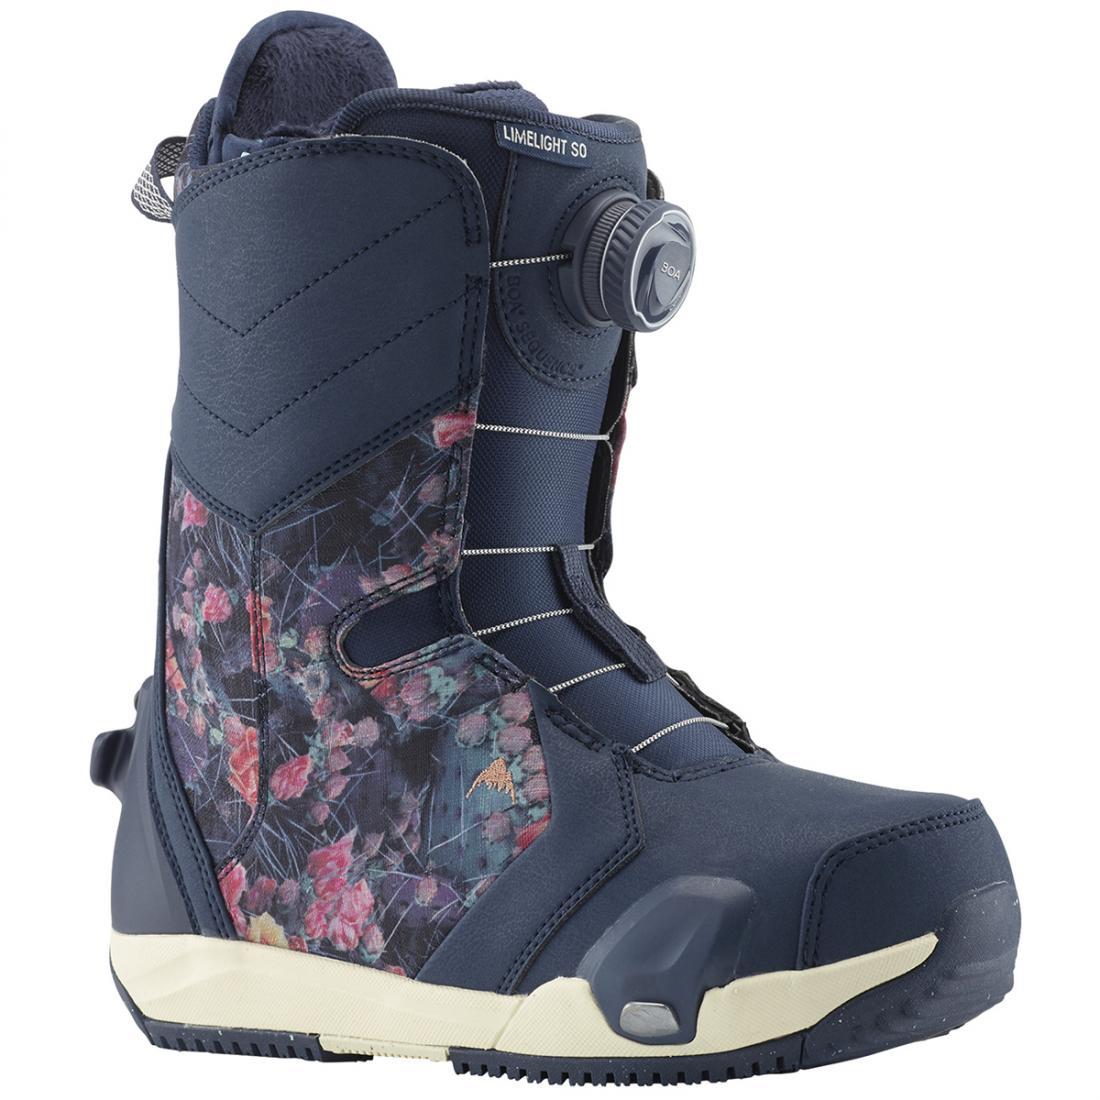 Ботинки для сноуборда Burton Limelight Step On купить в Boardshop №1